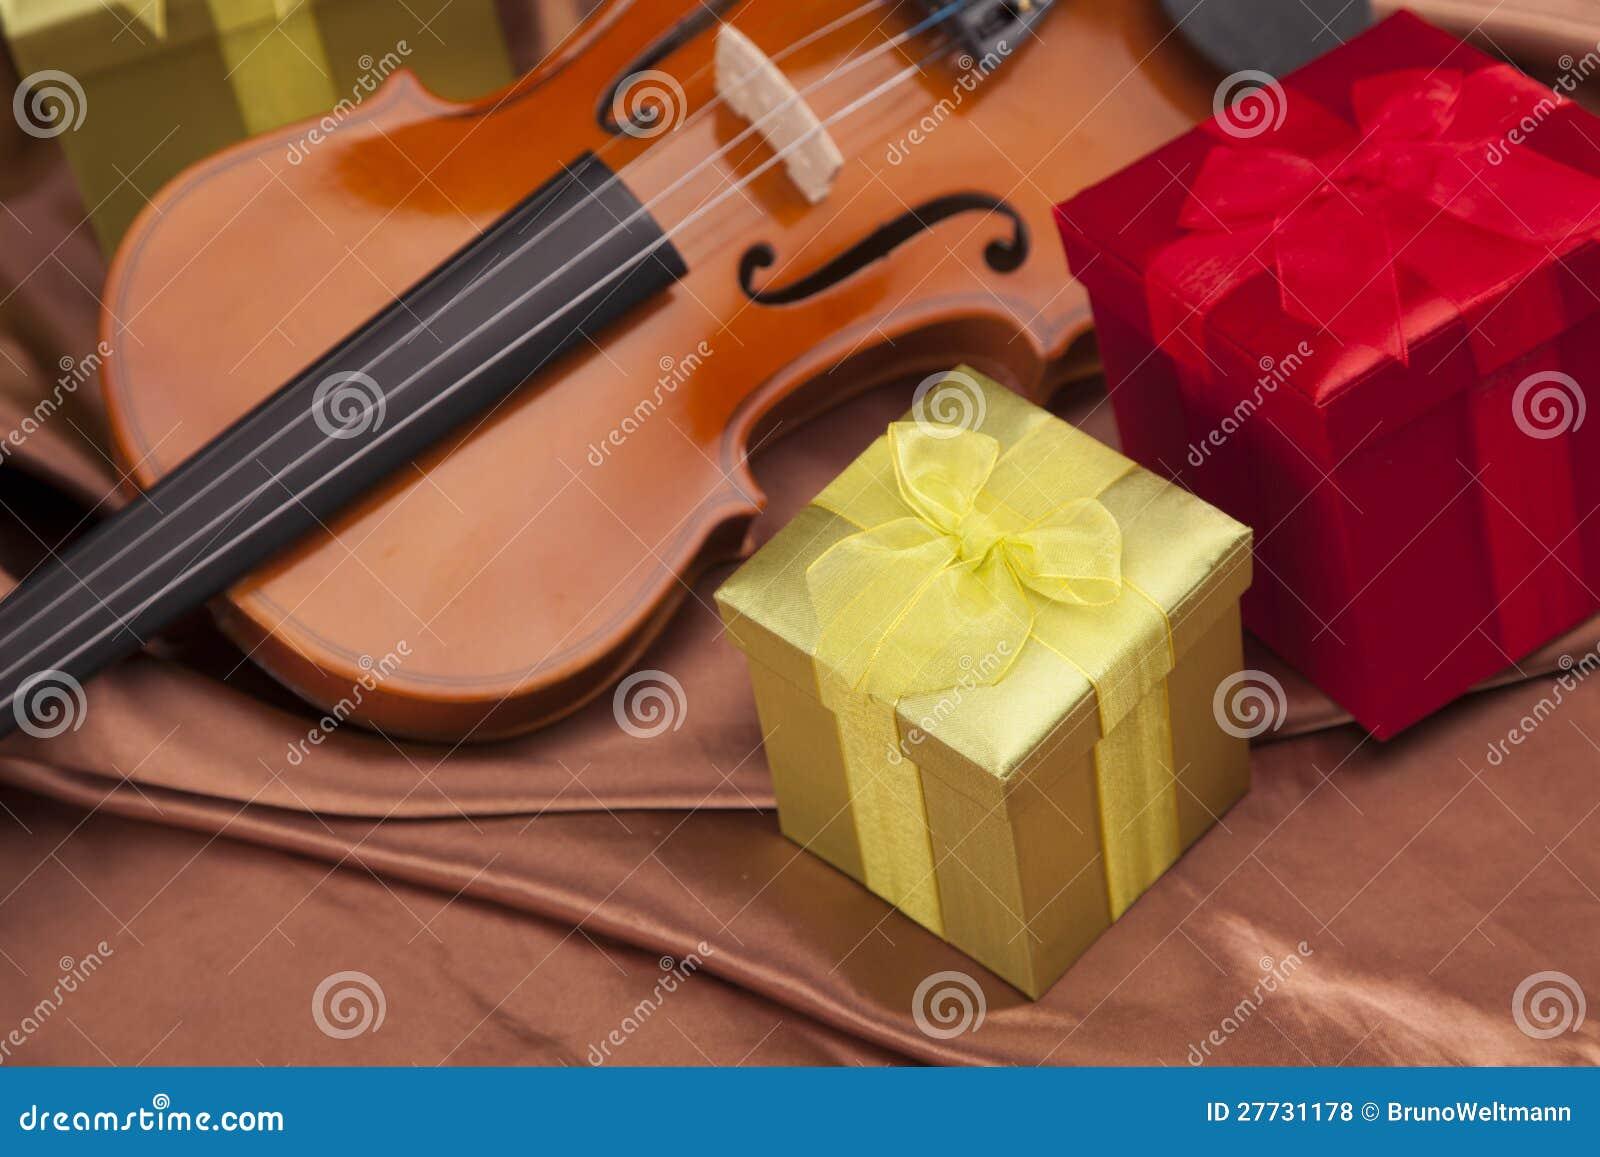 Schöne Violine und Geschenke!